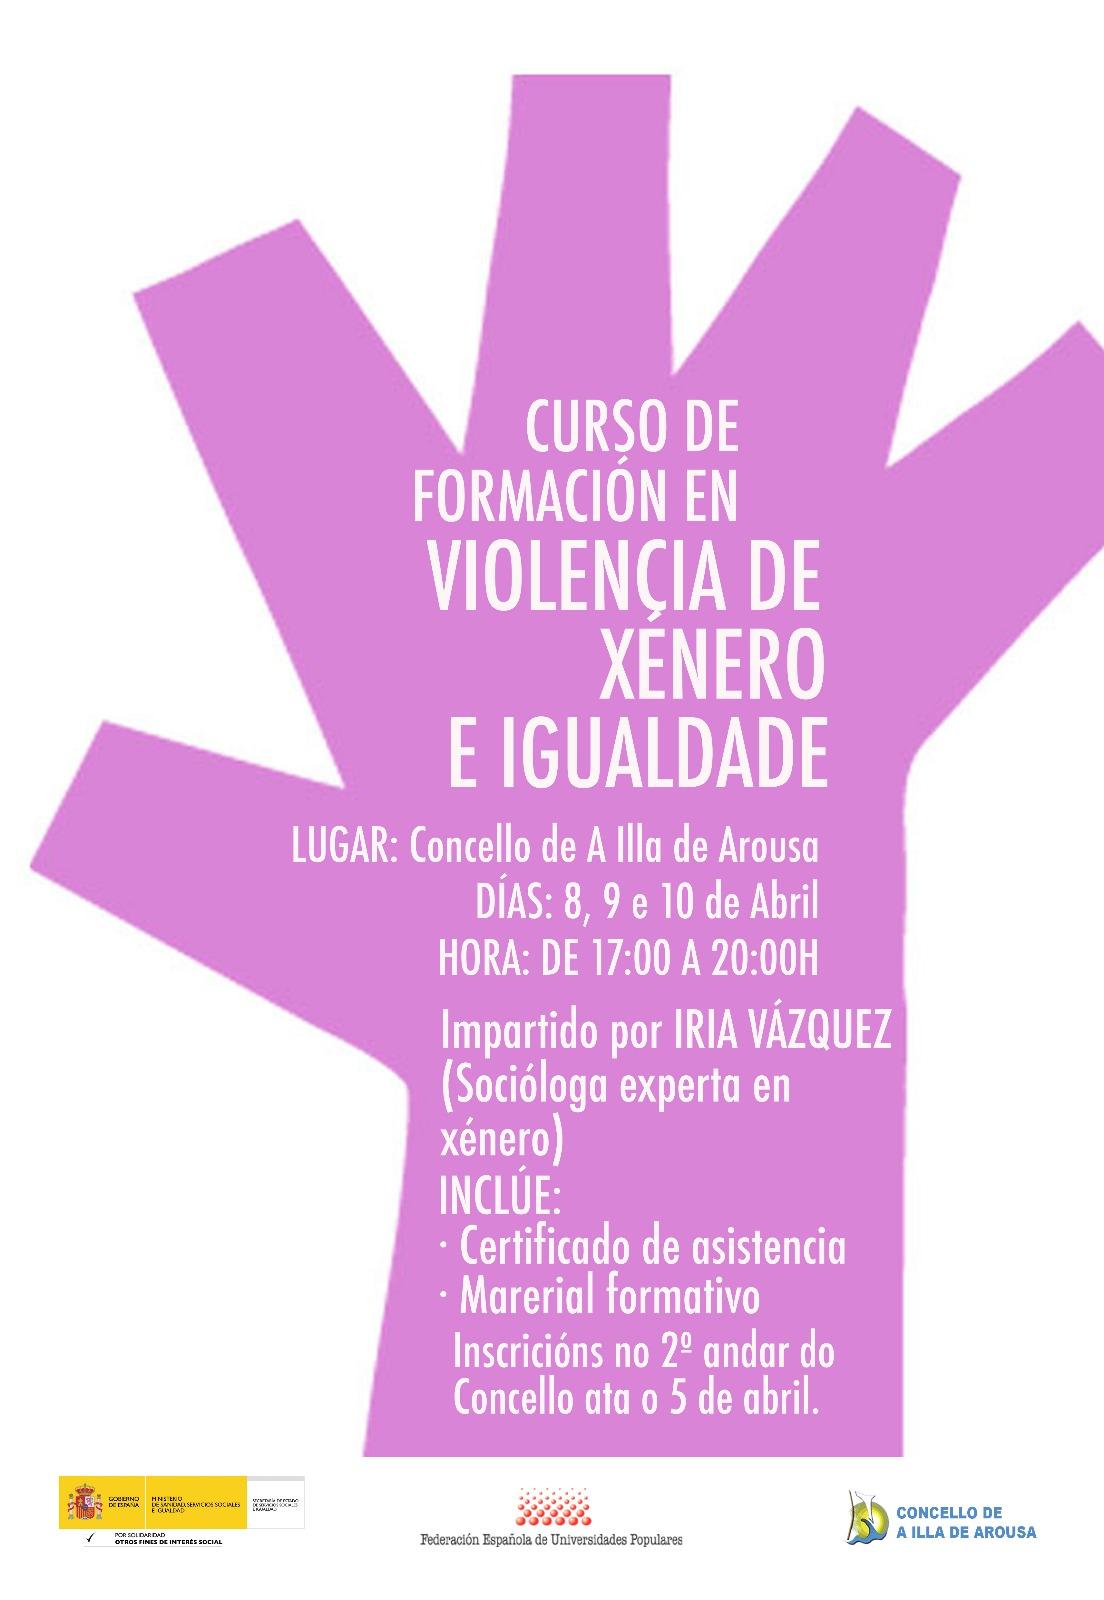 Curso de formación en Violencia de xénero e Igualdade